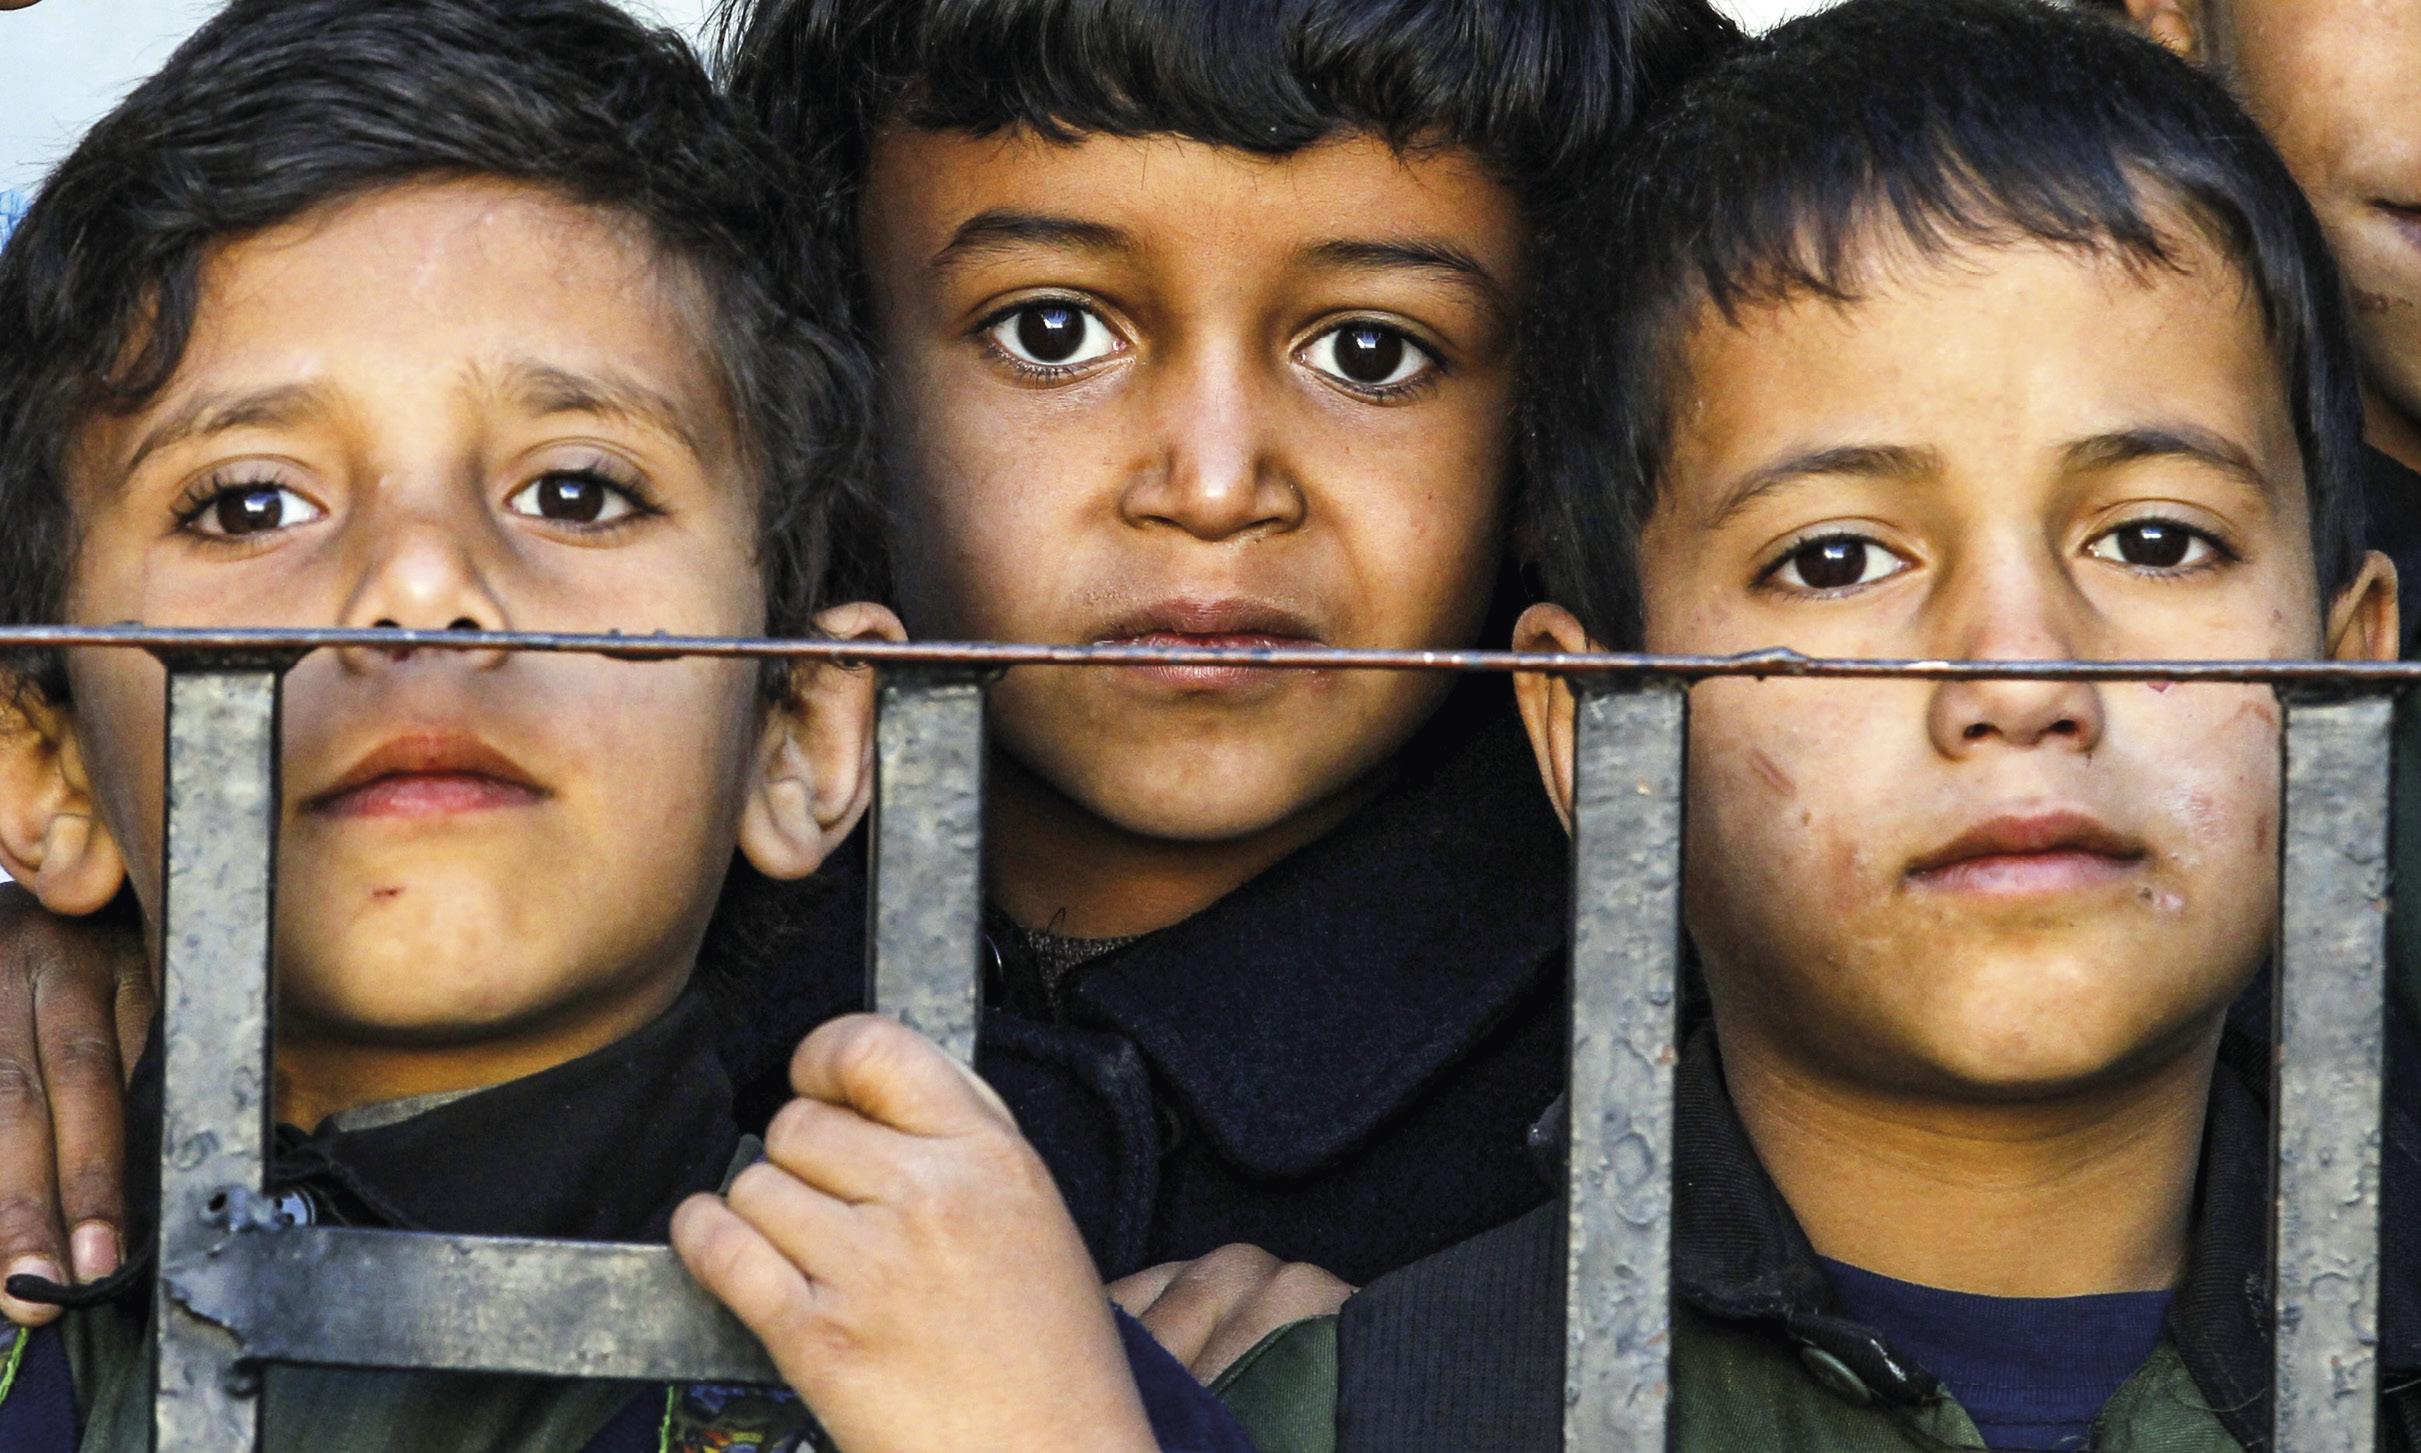 Crianças do Iémen. Desde que o conflito se iniciou, em 2015, que mais de 2 milhões de crianças estão impedidas de frequentar a escola. EPA / YAHYA ARHAB.